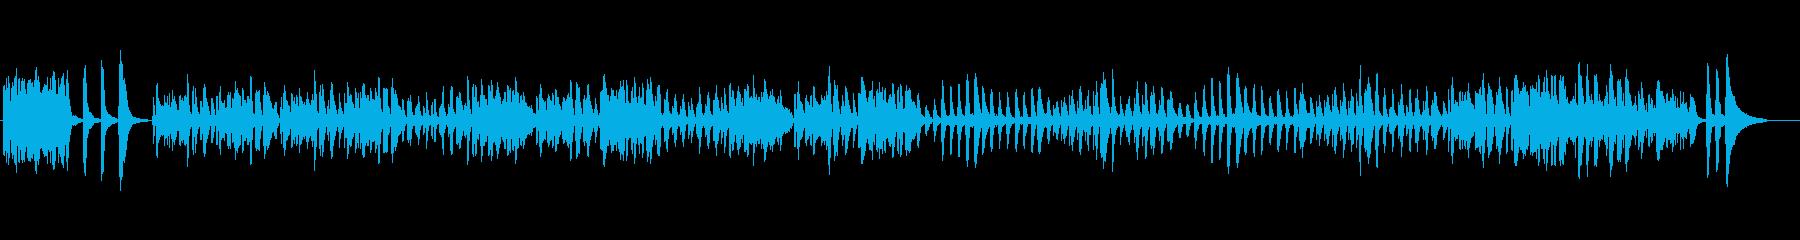 ブルグミュラーの「タランテラ」の再生済みの波形